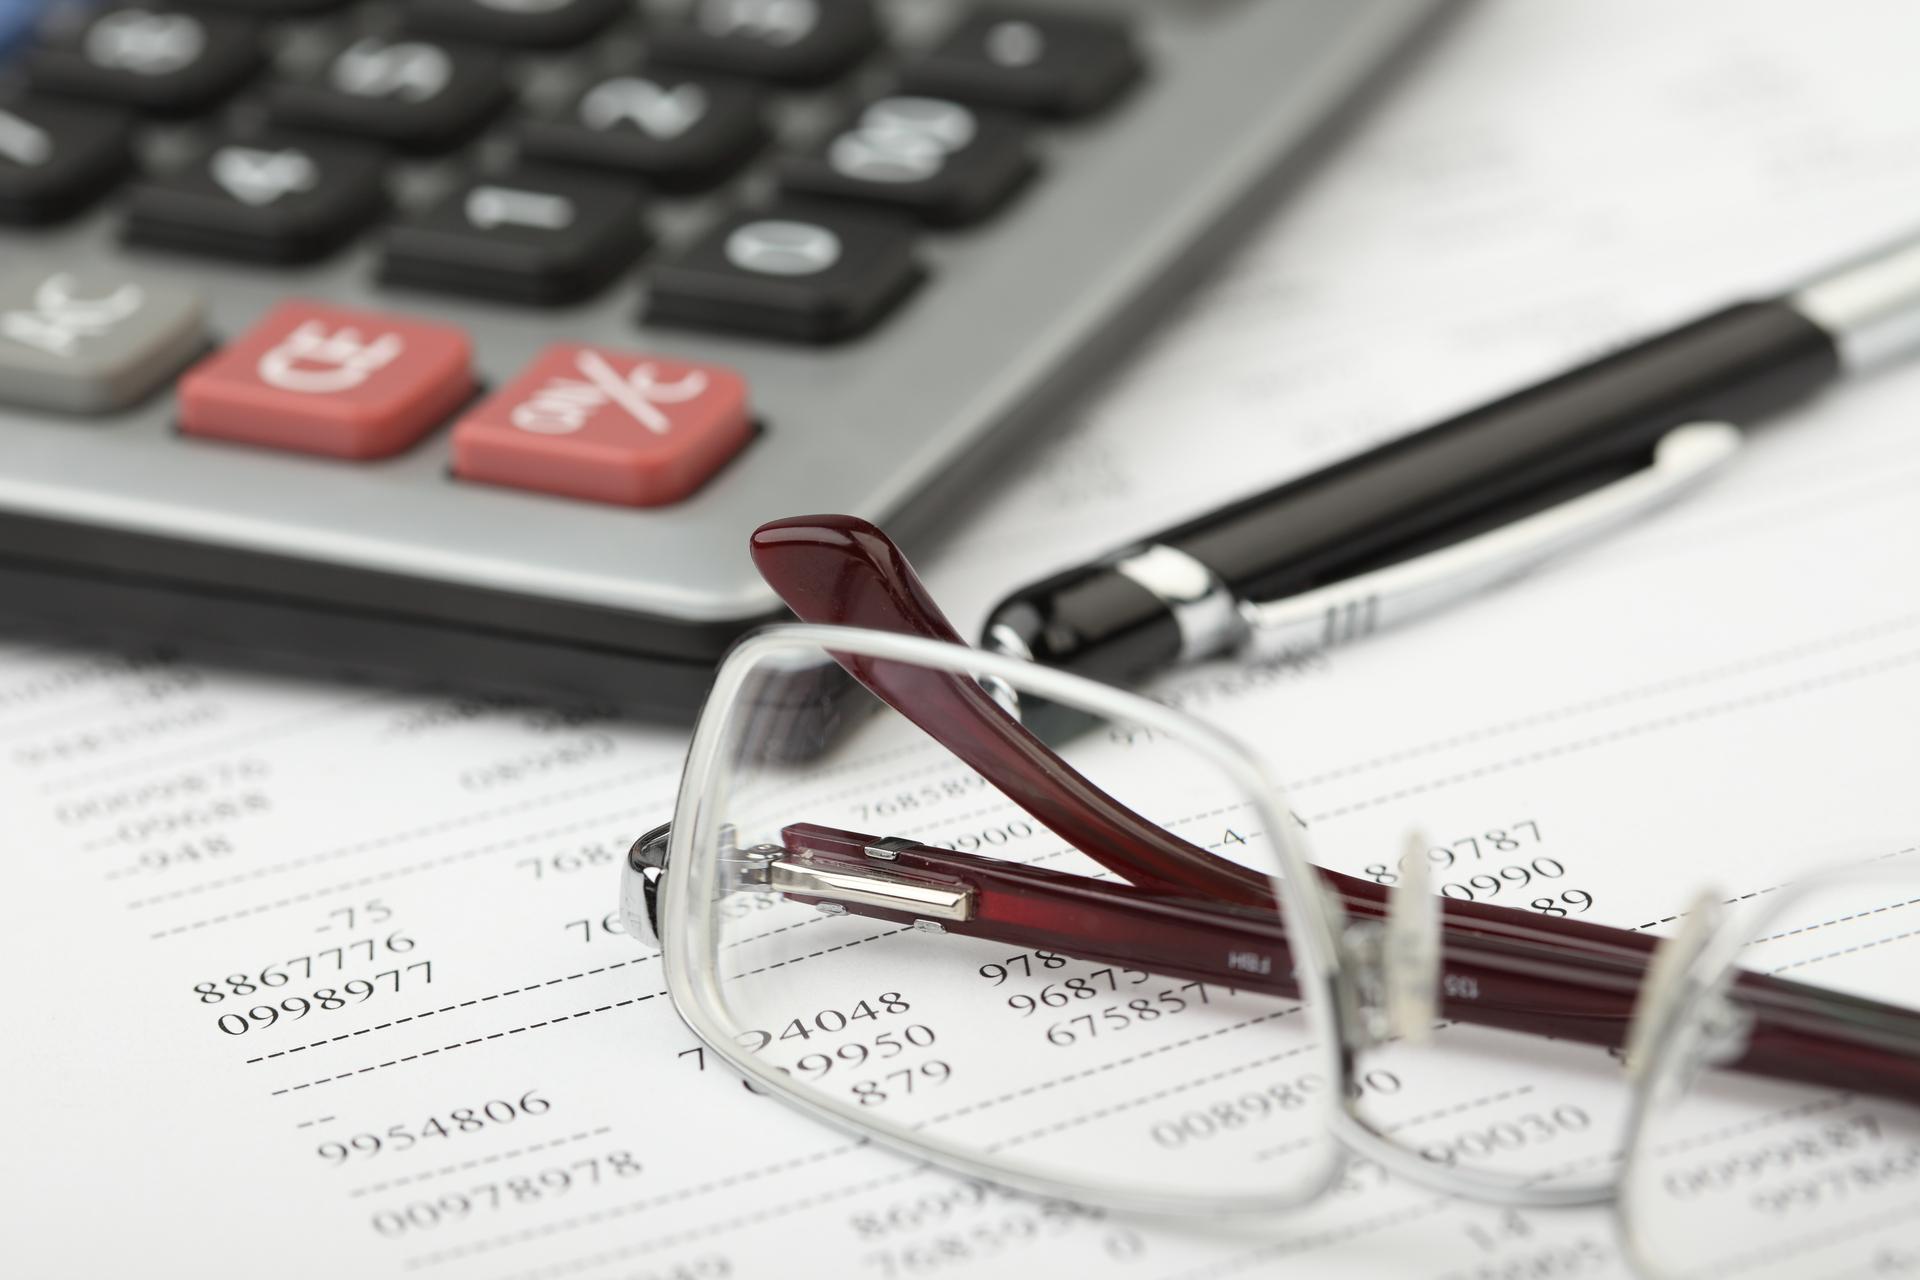 Месячная инфляция в Казахстане – на минимальном уровне с 2011 года